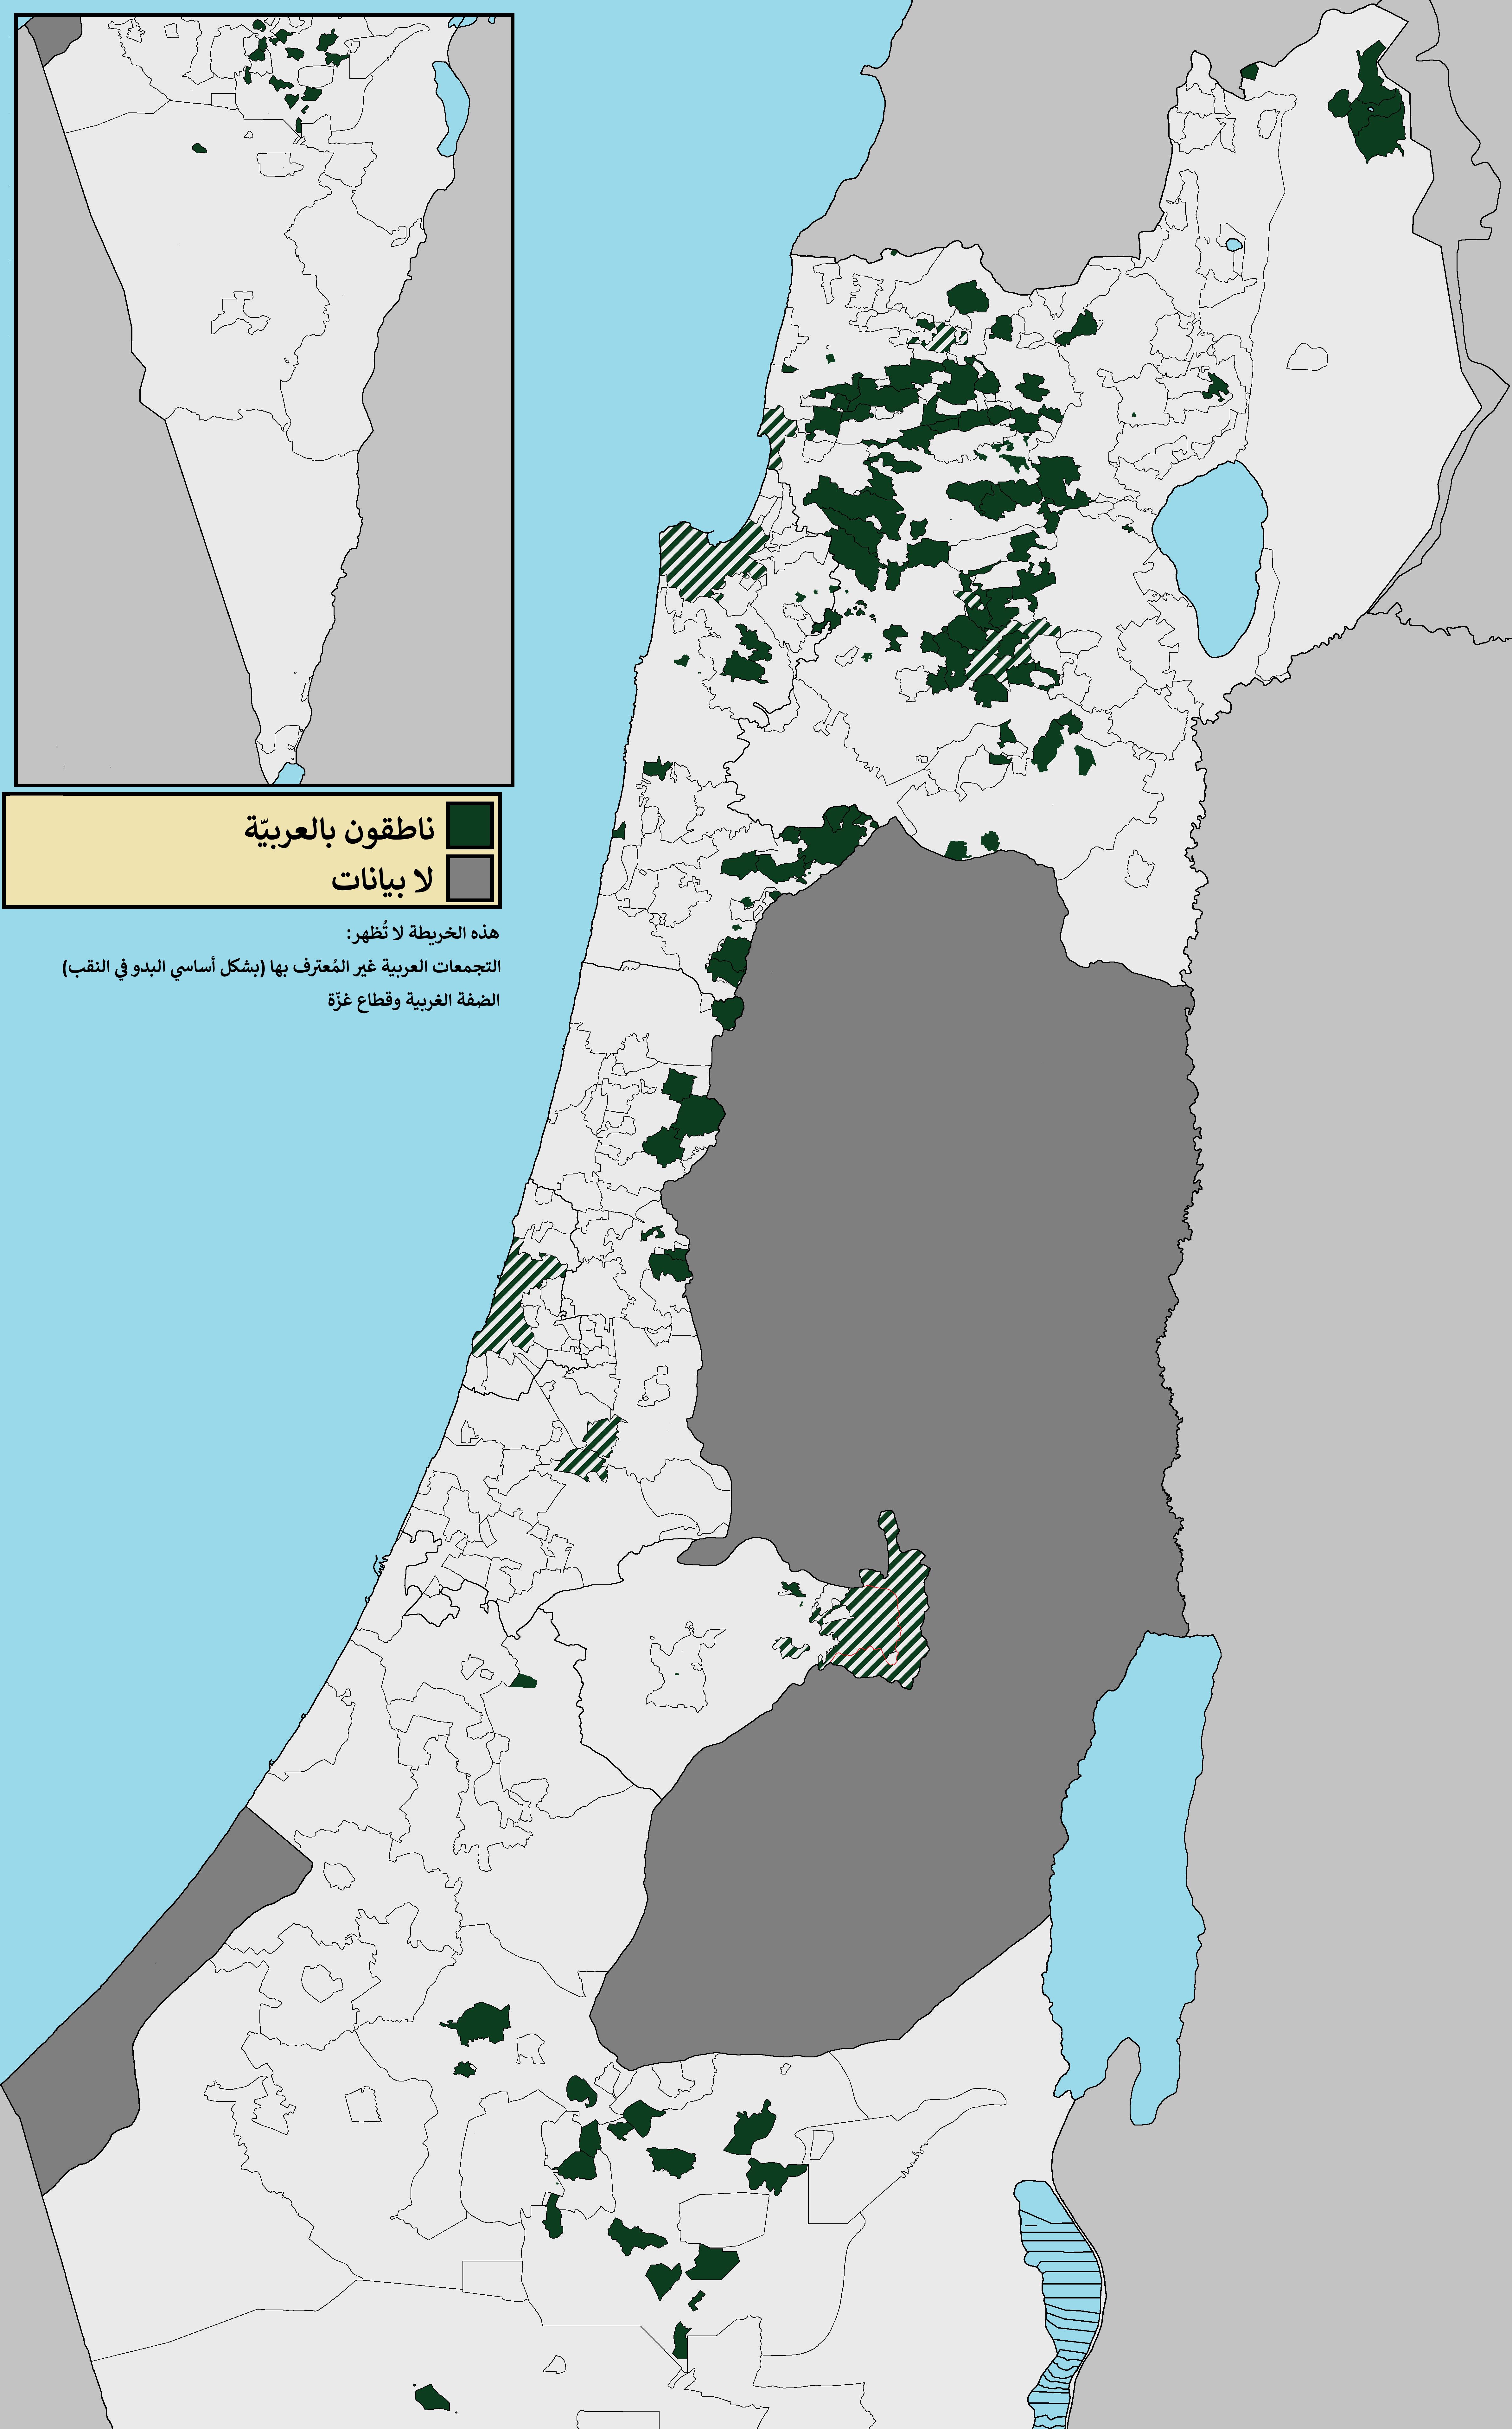 قائمة المدن العربية في إسرائيل ويكيبيديا